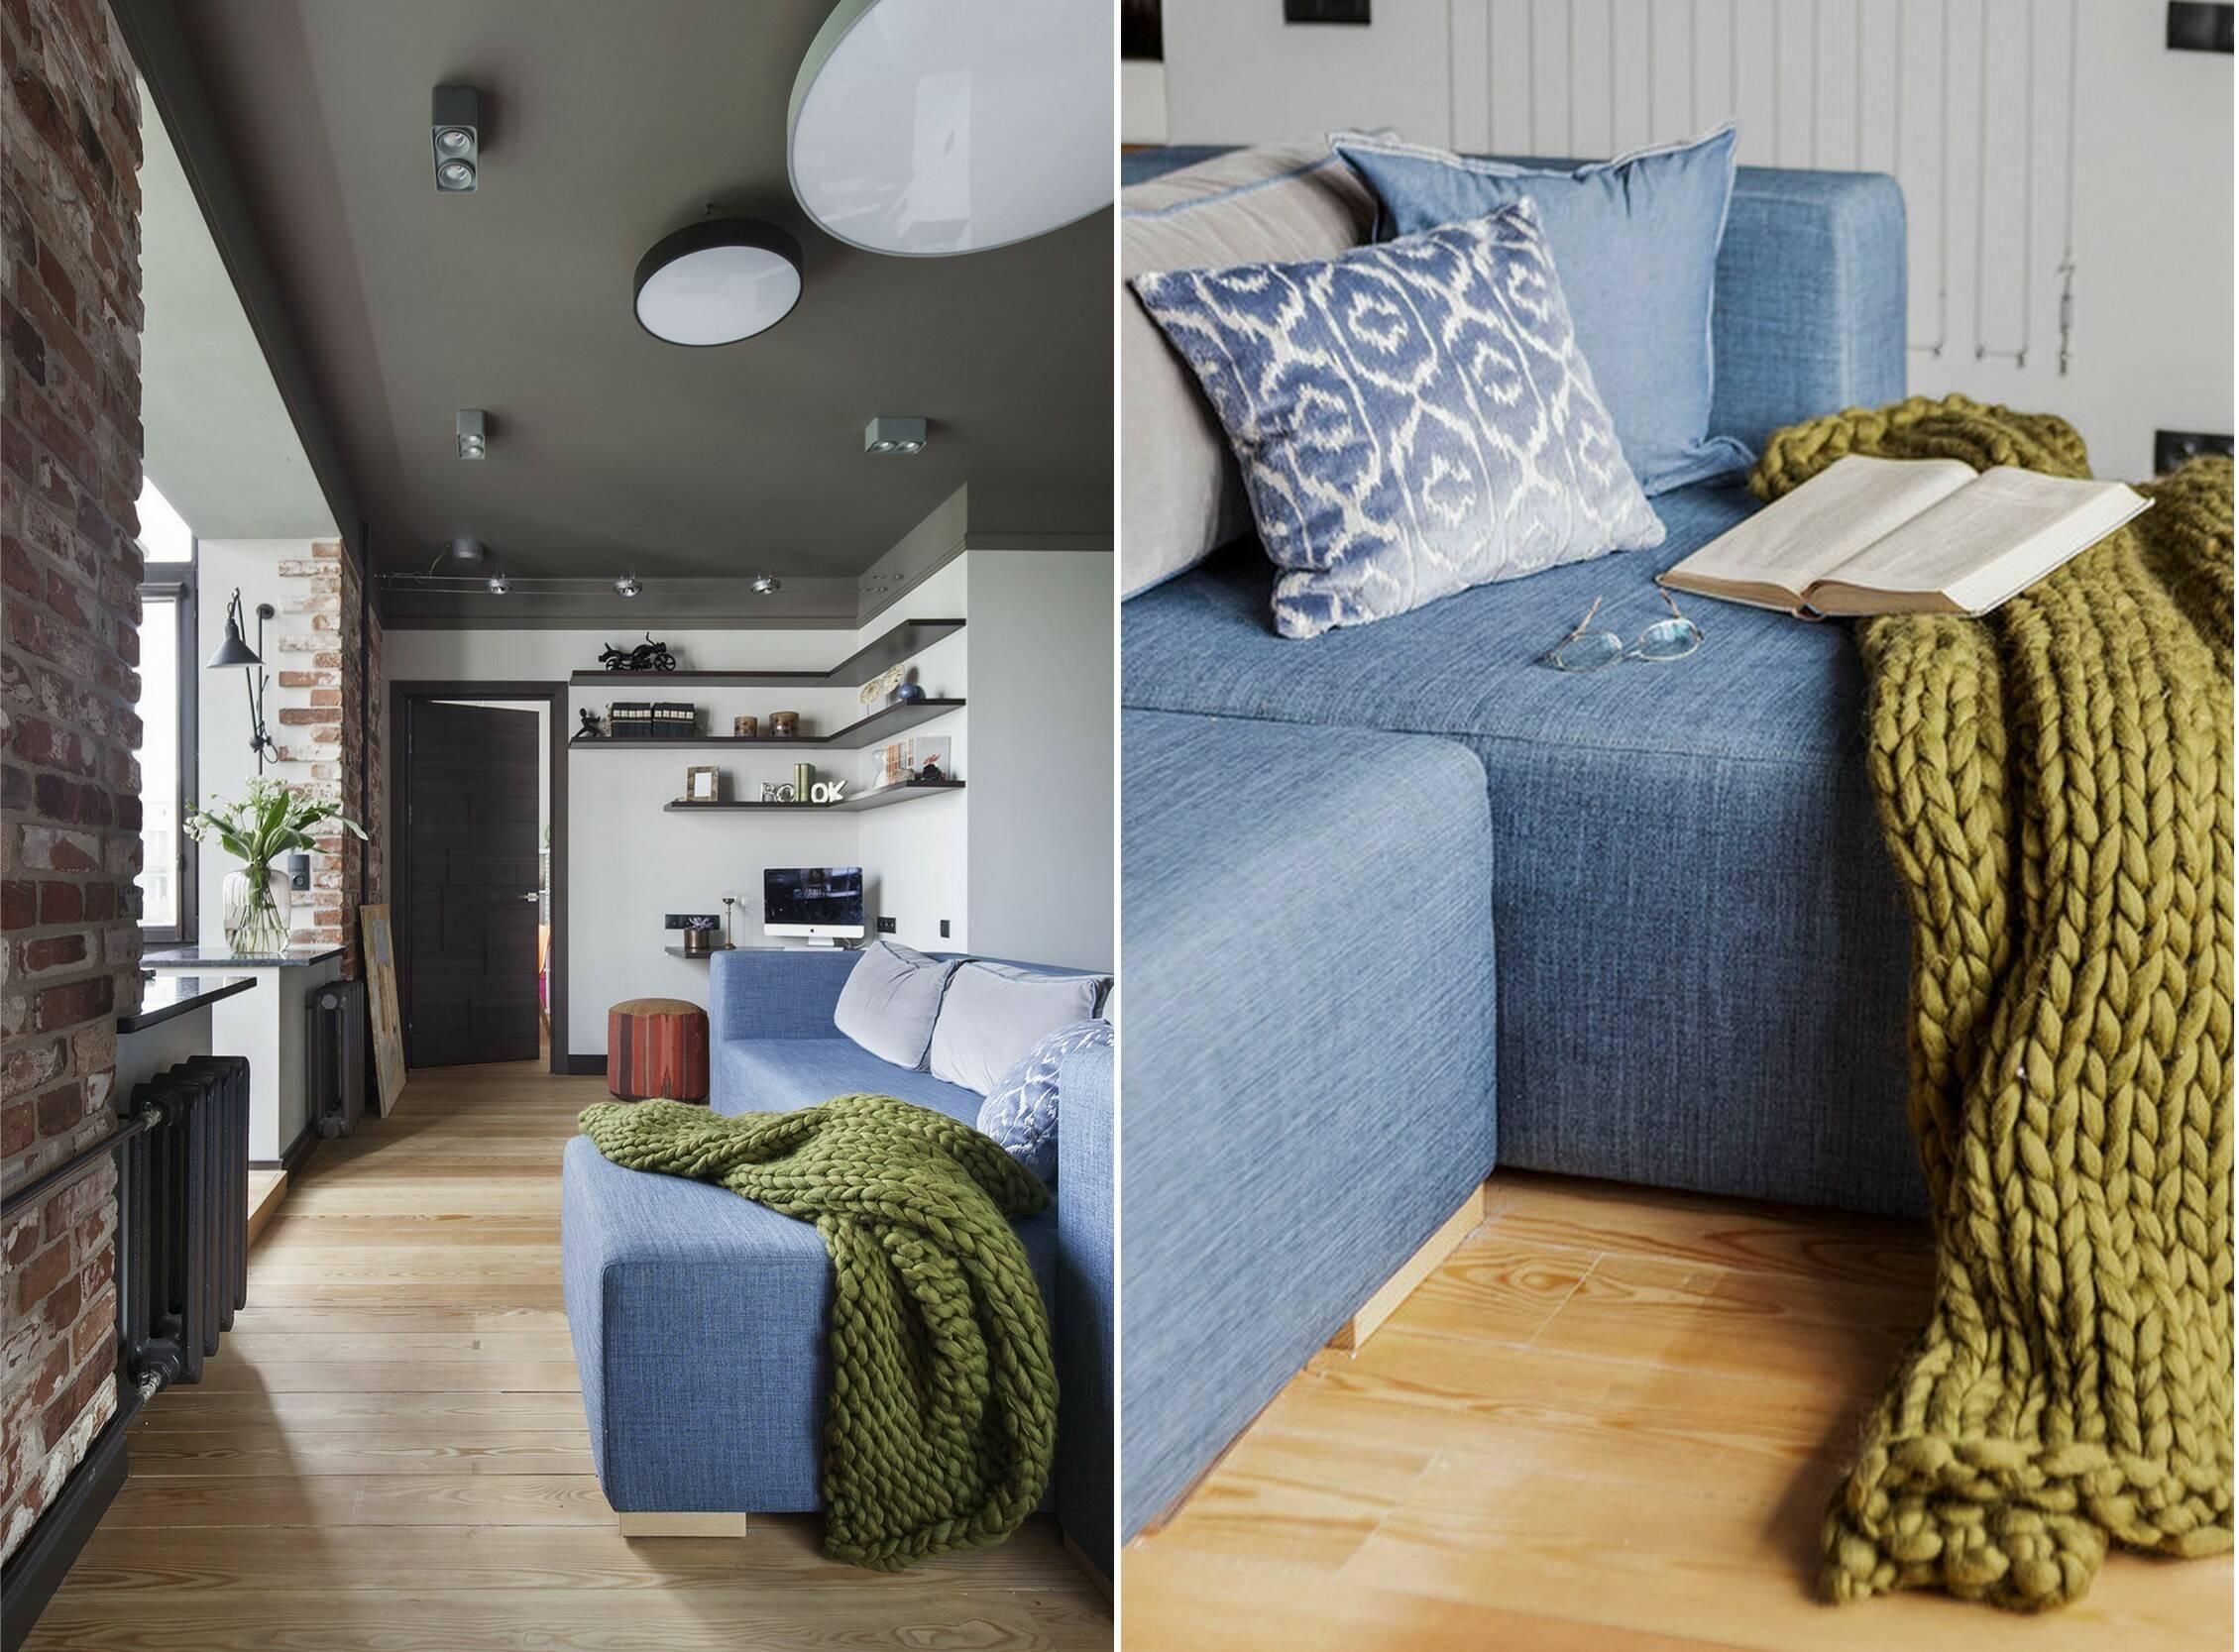 Современные апартаменты в эклектичном стиле от Татьяны Безверхой